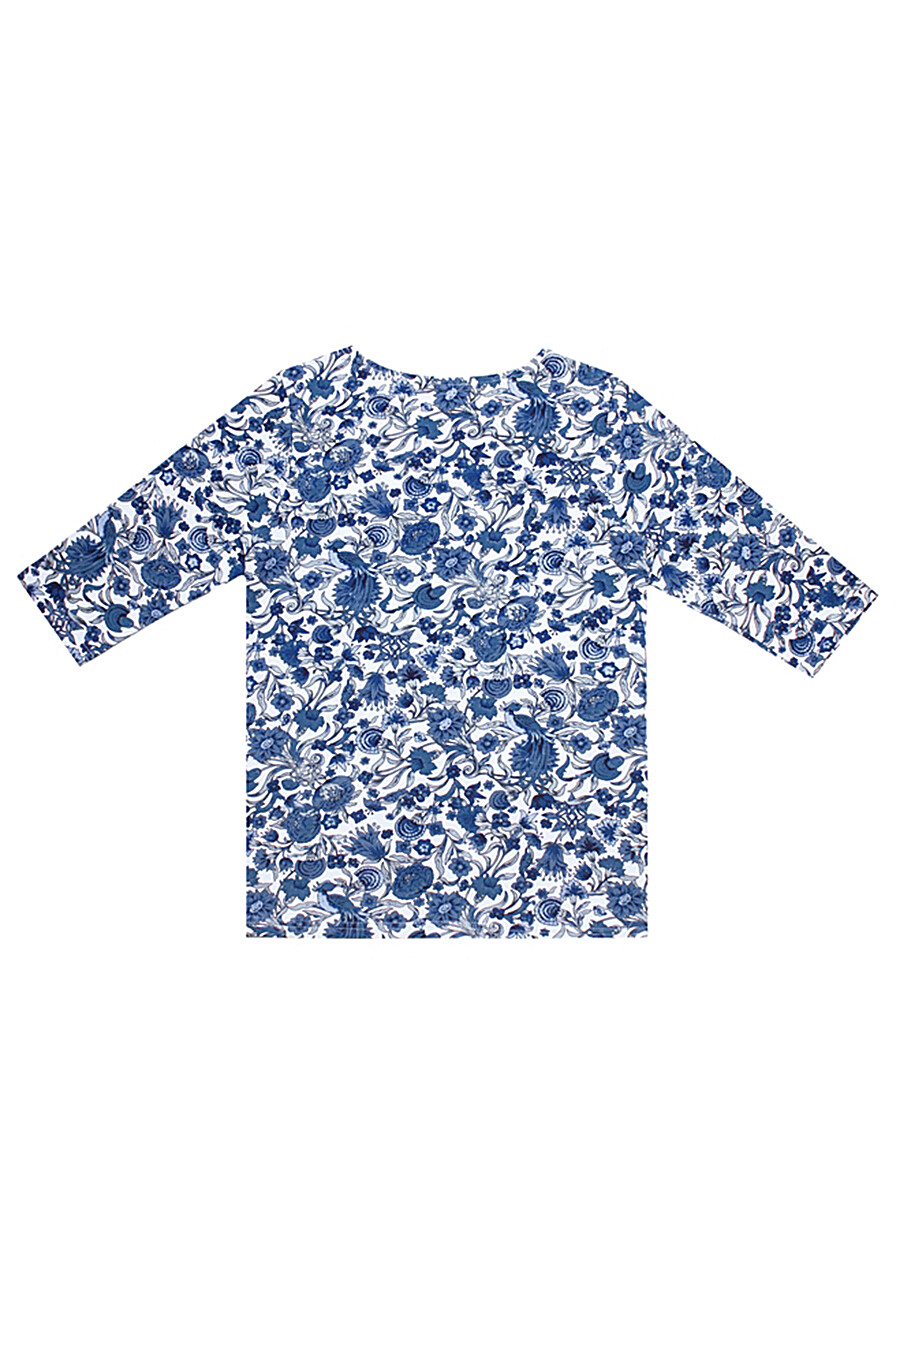 Джемпер для женщин Archi 131412 купить оптом от производителя. Совместная покупка женской одежды в OptMoyo